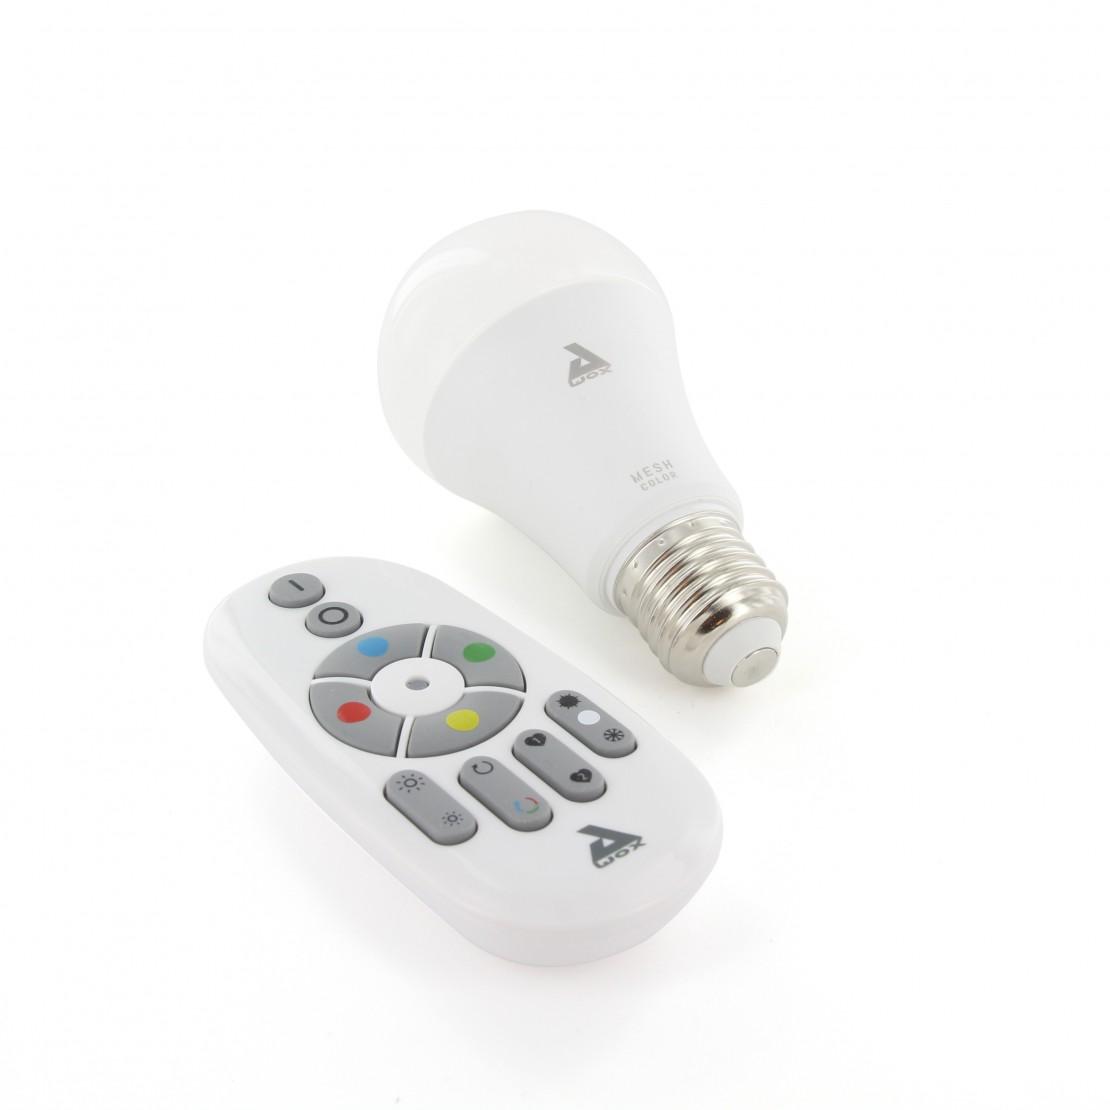 Set ampoule E27 couleur Bluetooth Mesh et télécommande